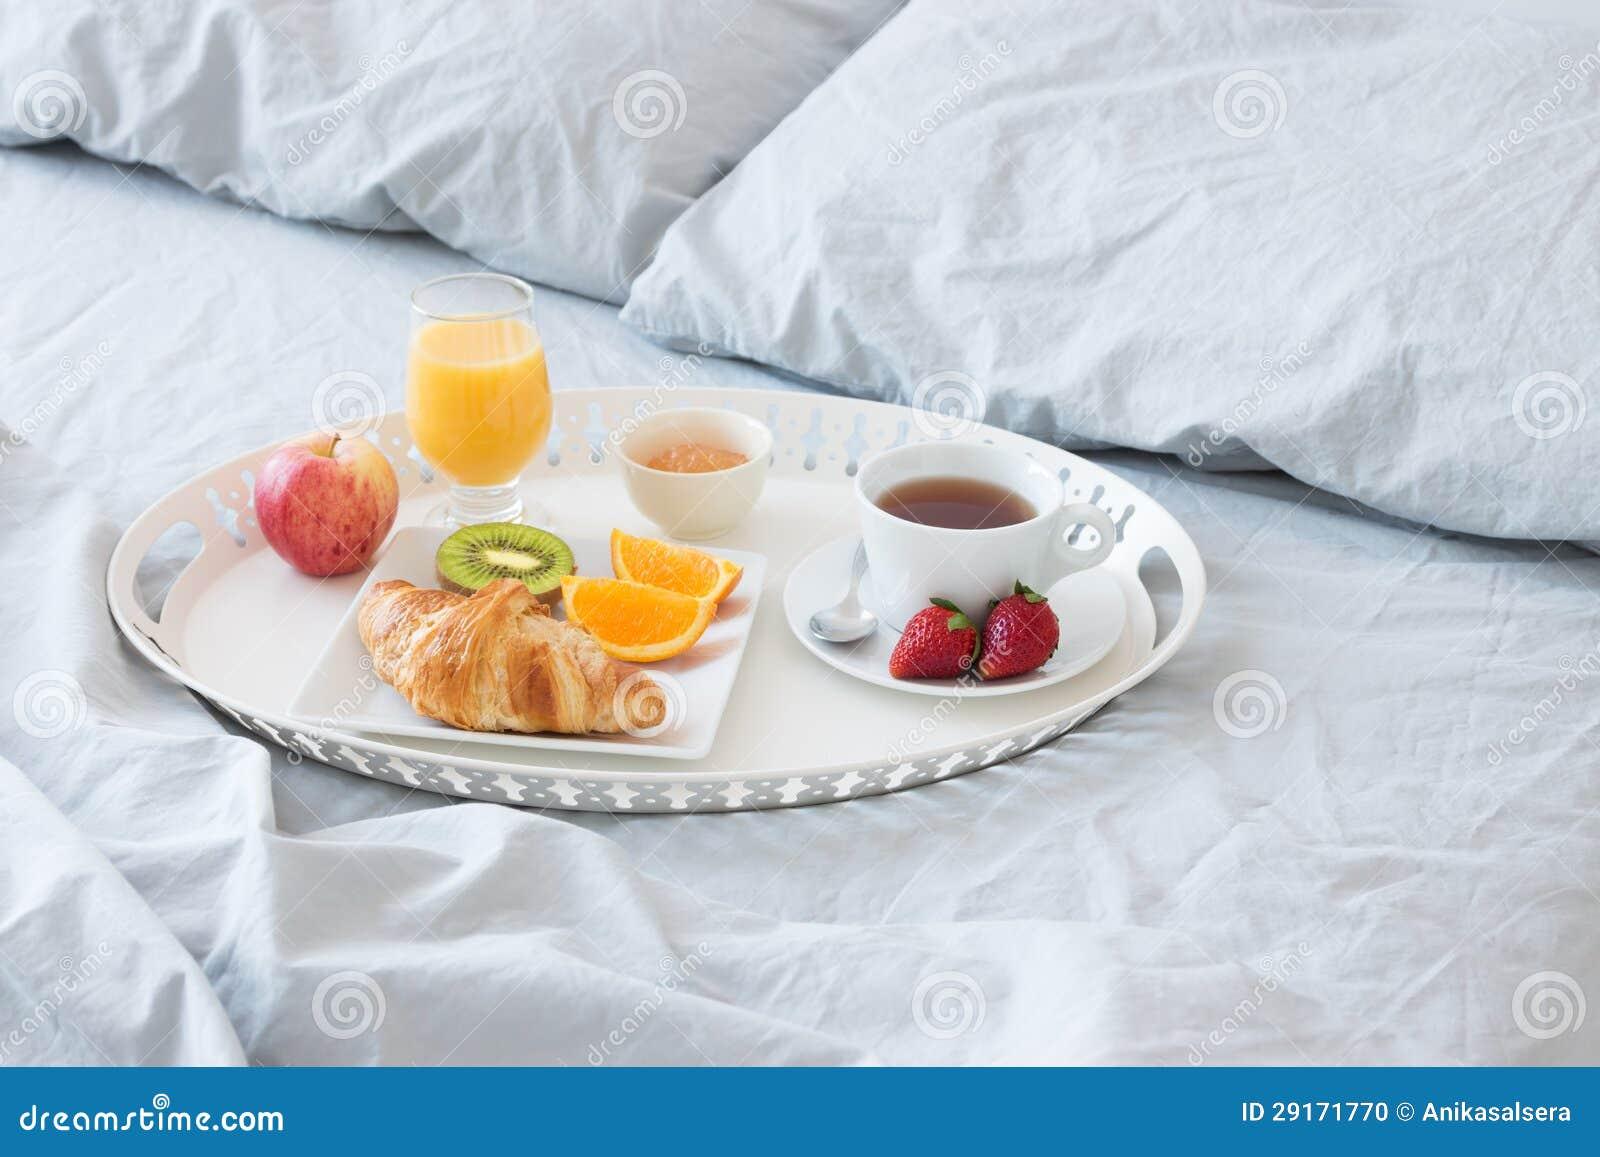 new breakfast tray gray - photo #29